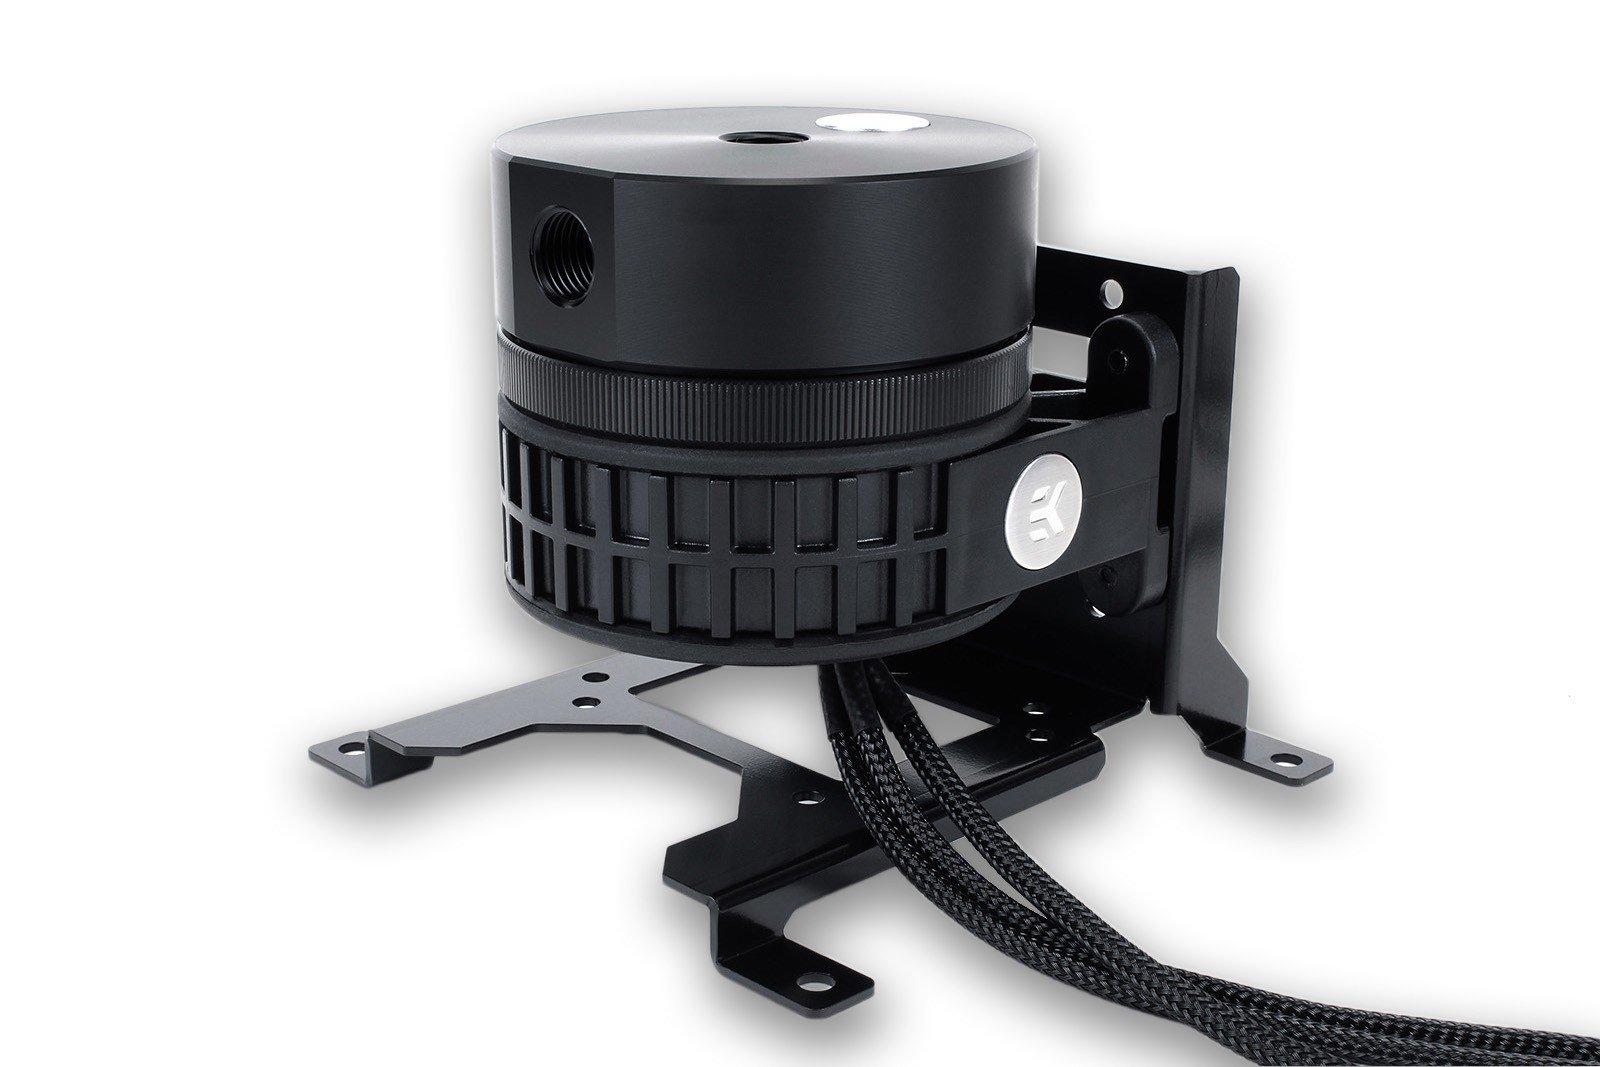 EKWB EK-XTOP Revo D5 PWM (incl. sleeved pump), Acetal by EKWB (Image #4)